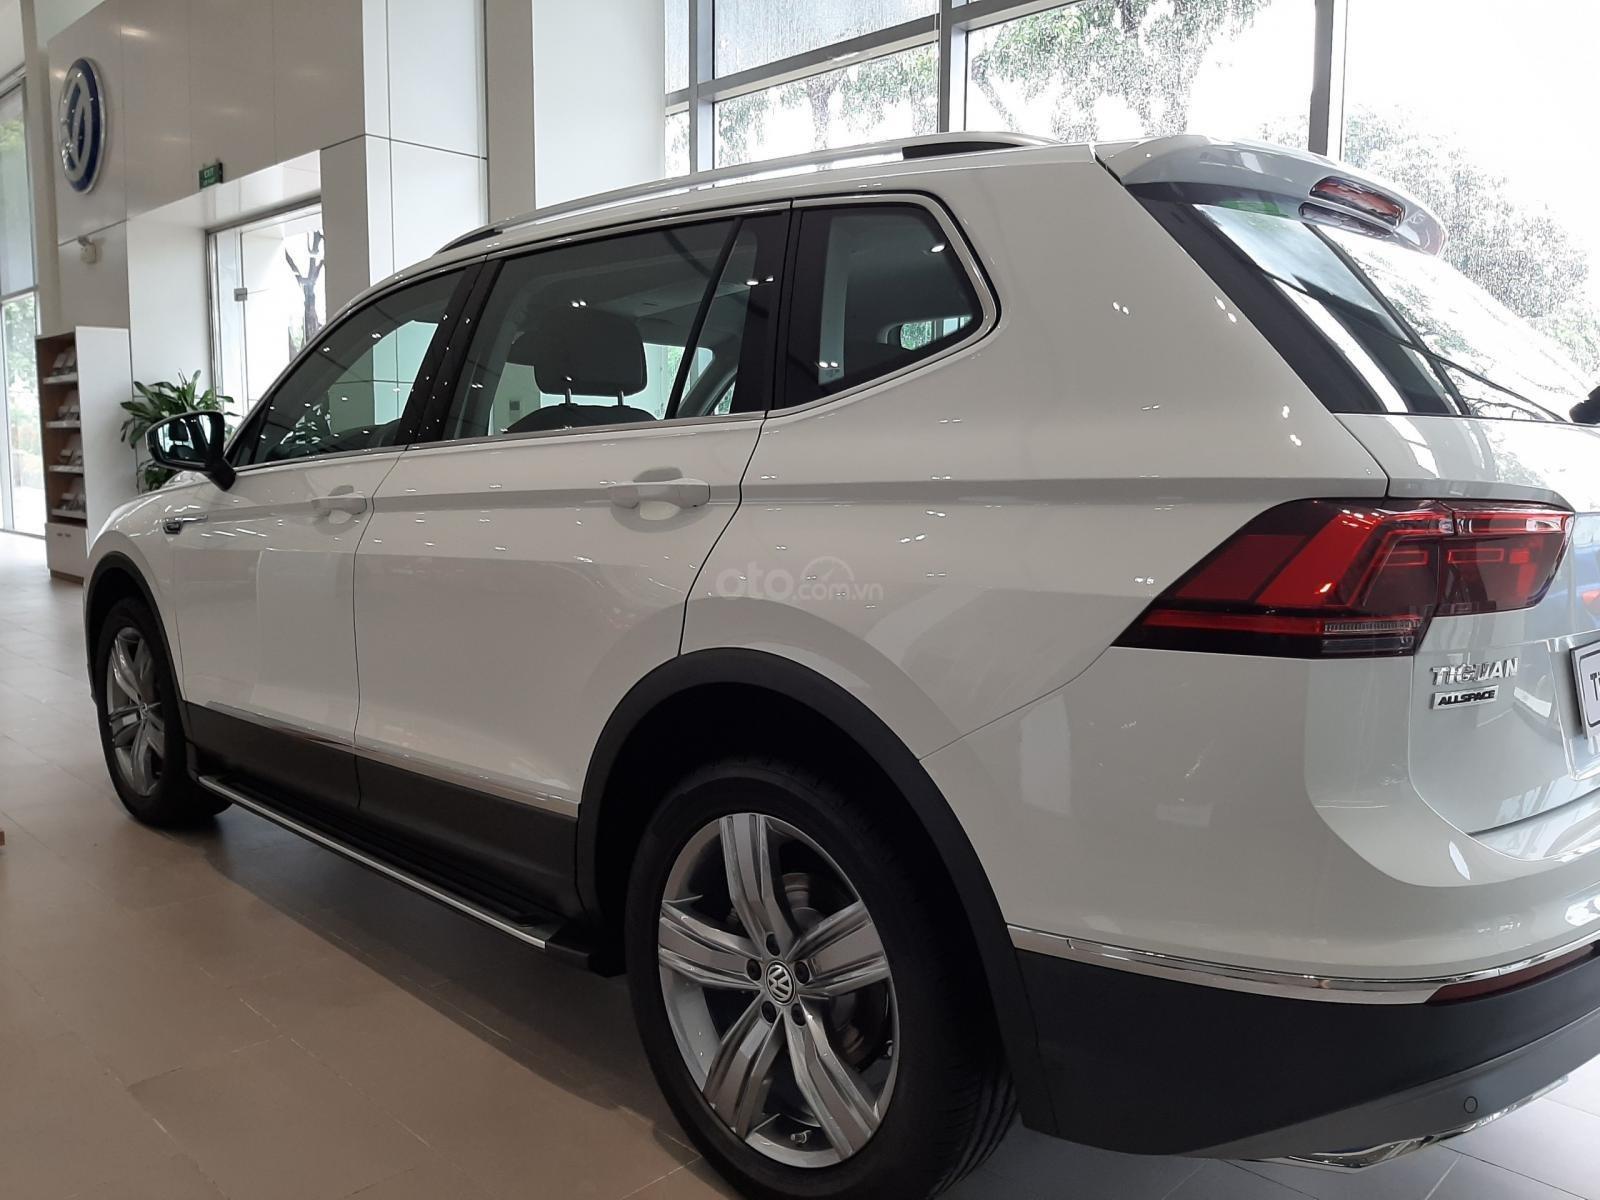 Bán Volkswagen Tiguan trắng ngọc trai 2019 - Hỗ trợ ngân hàng đến 85%-2